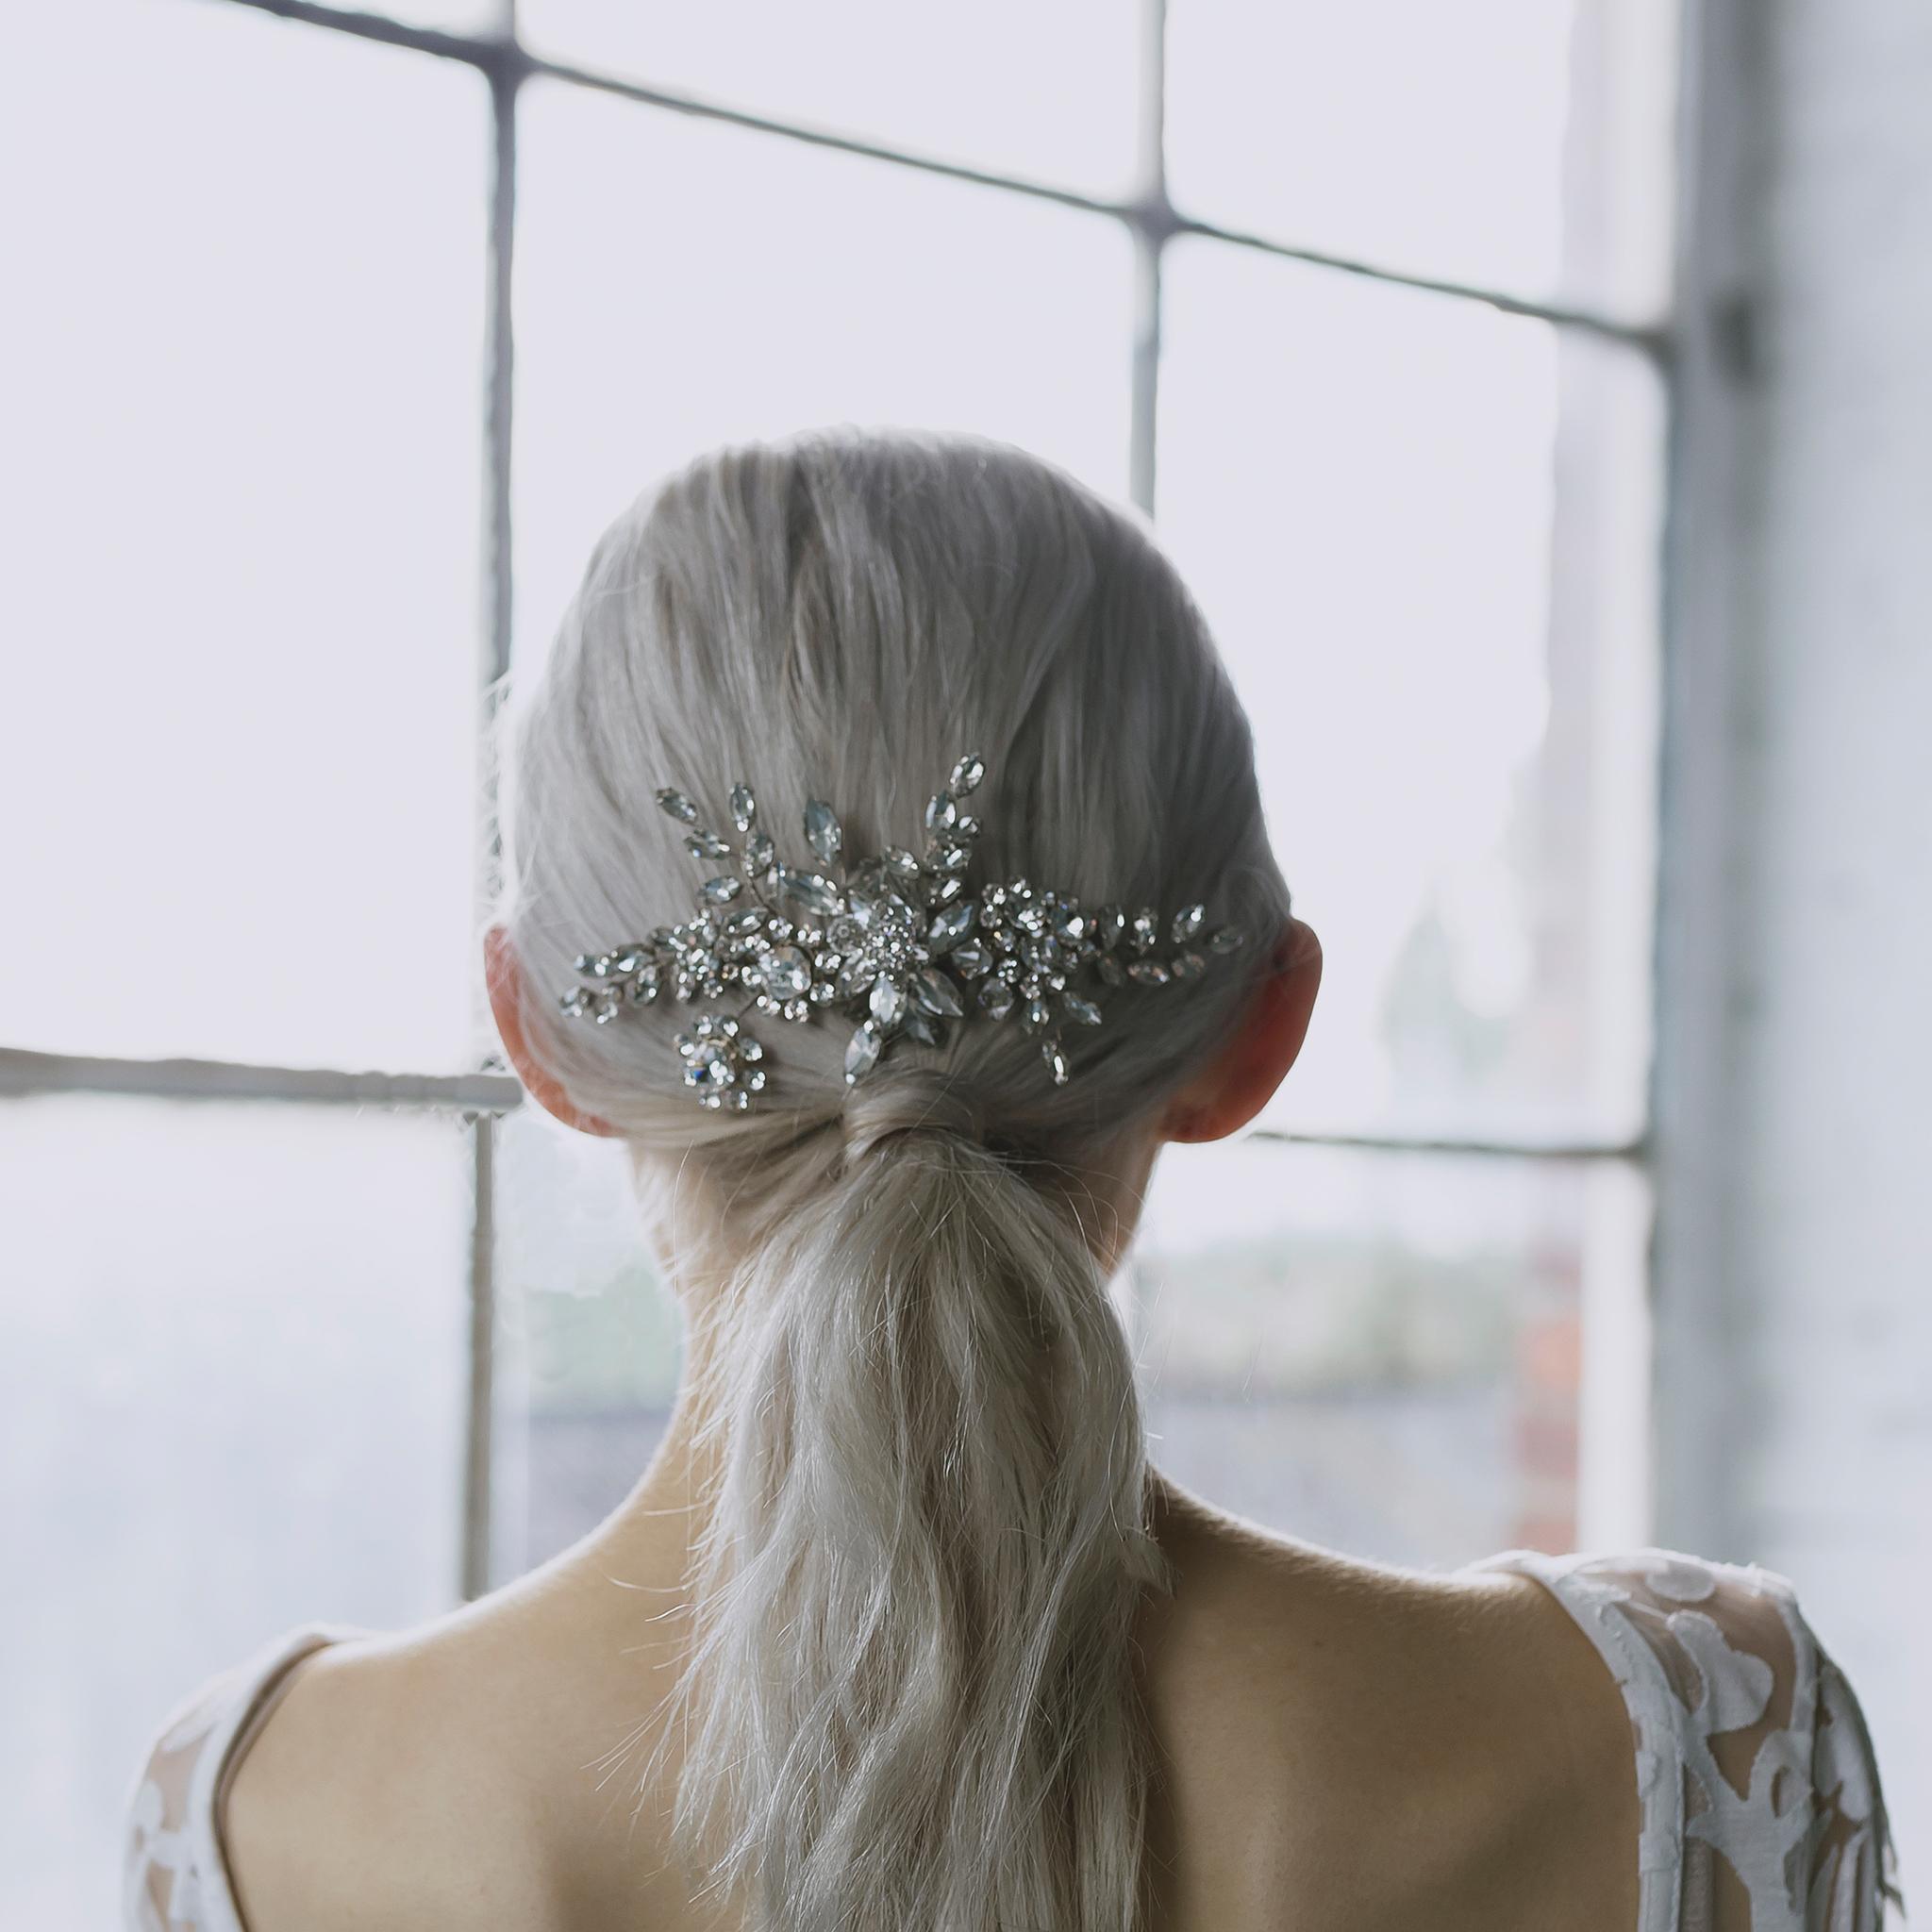 Accessoires cheveux mariée Genève Trixie halo&Co peigne tiare diadème couronne chignon coiffure argent perle strass silver